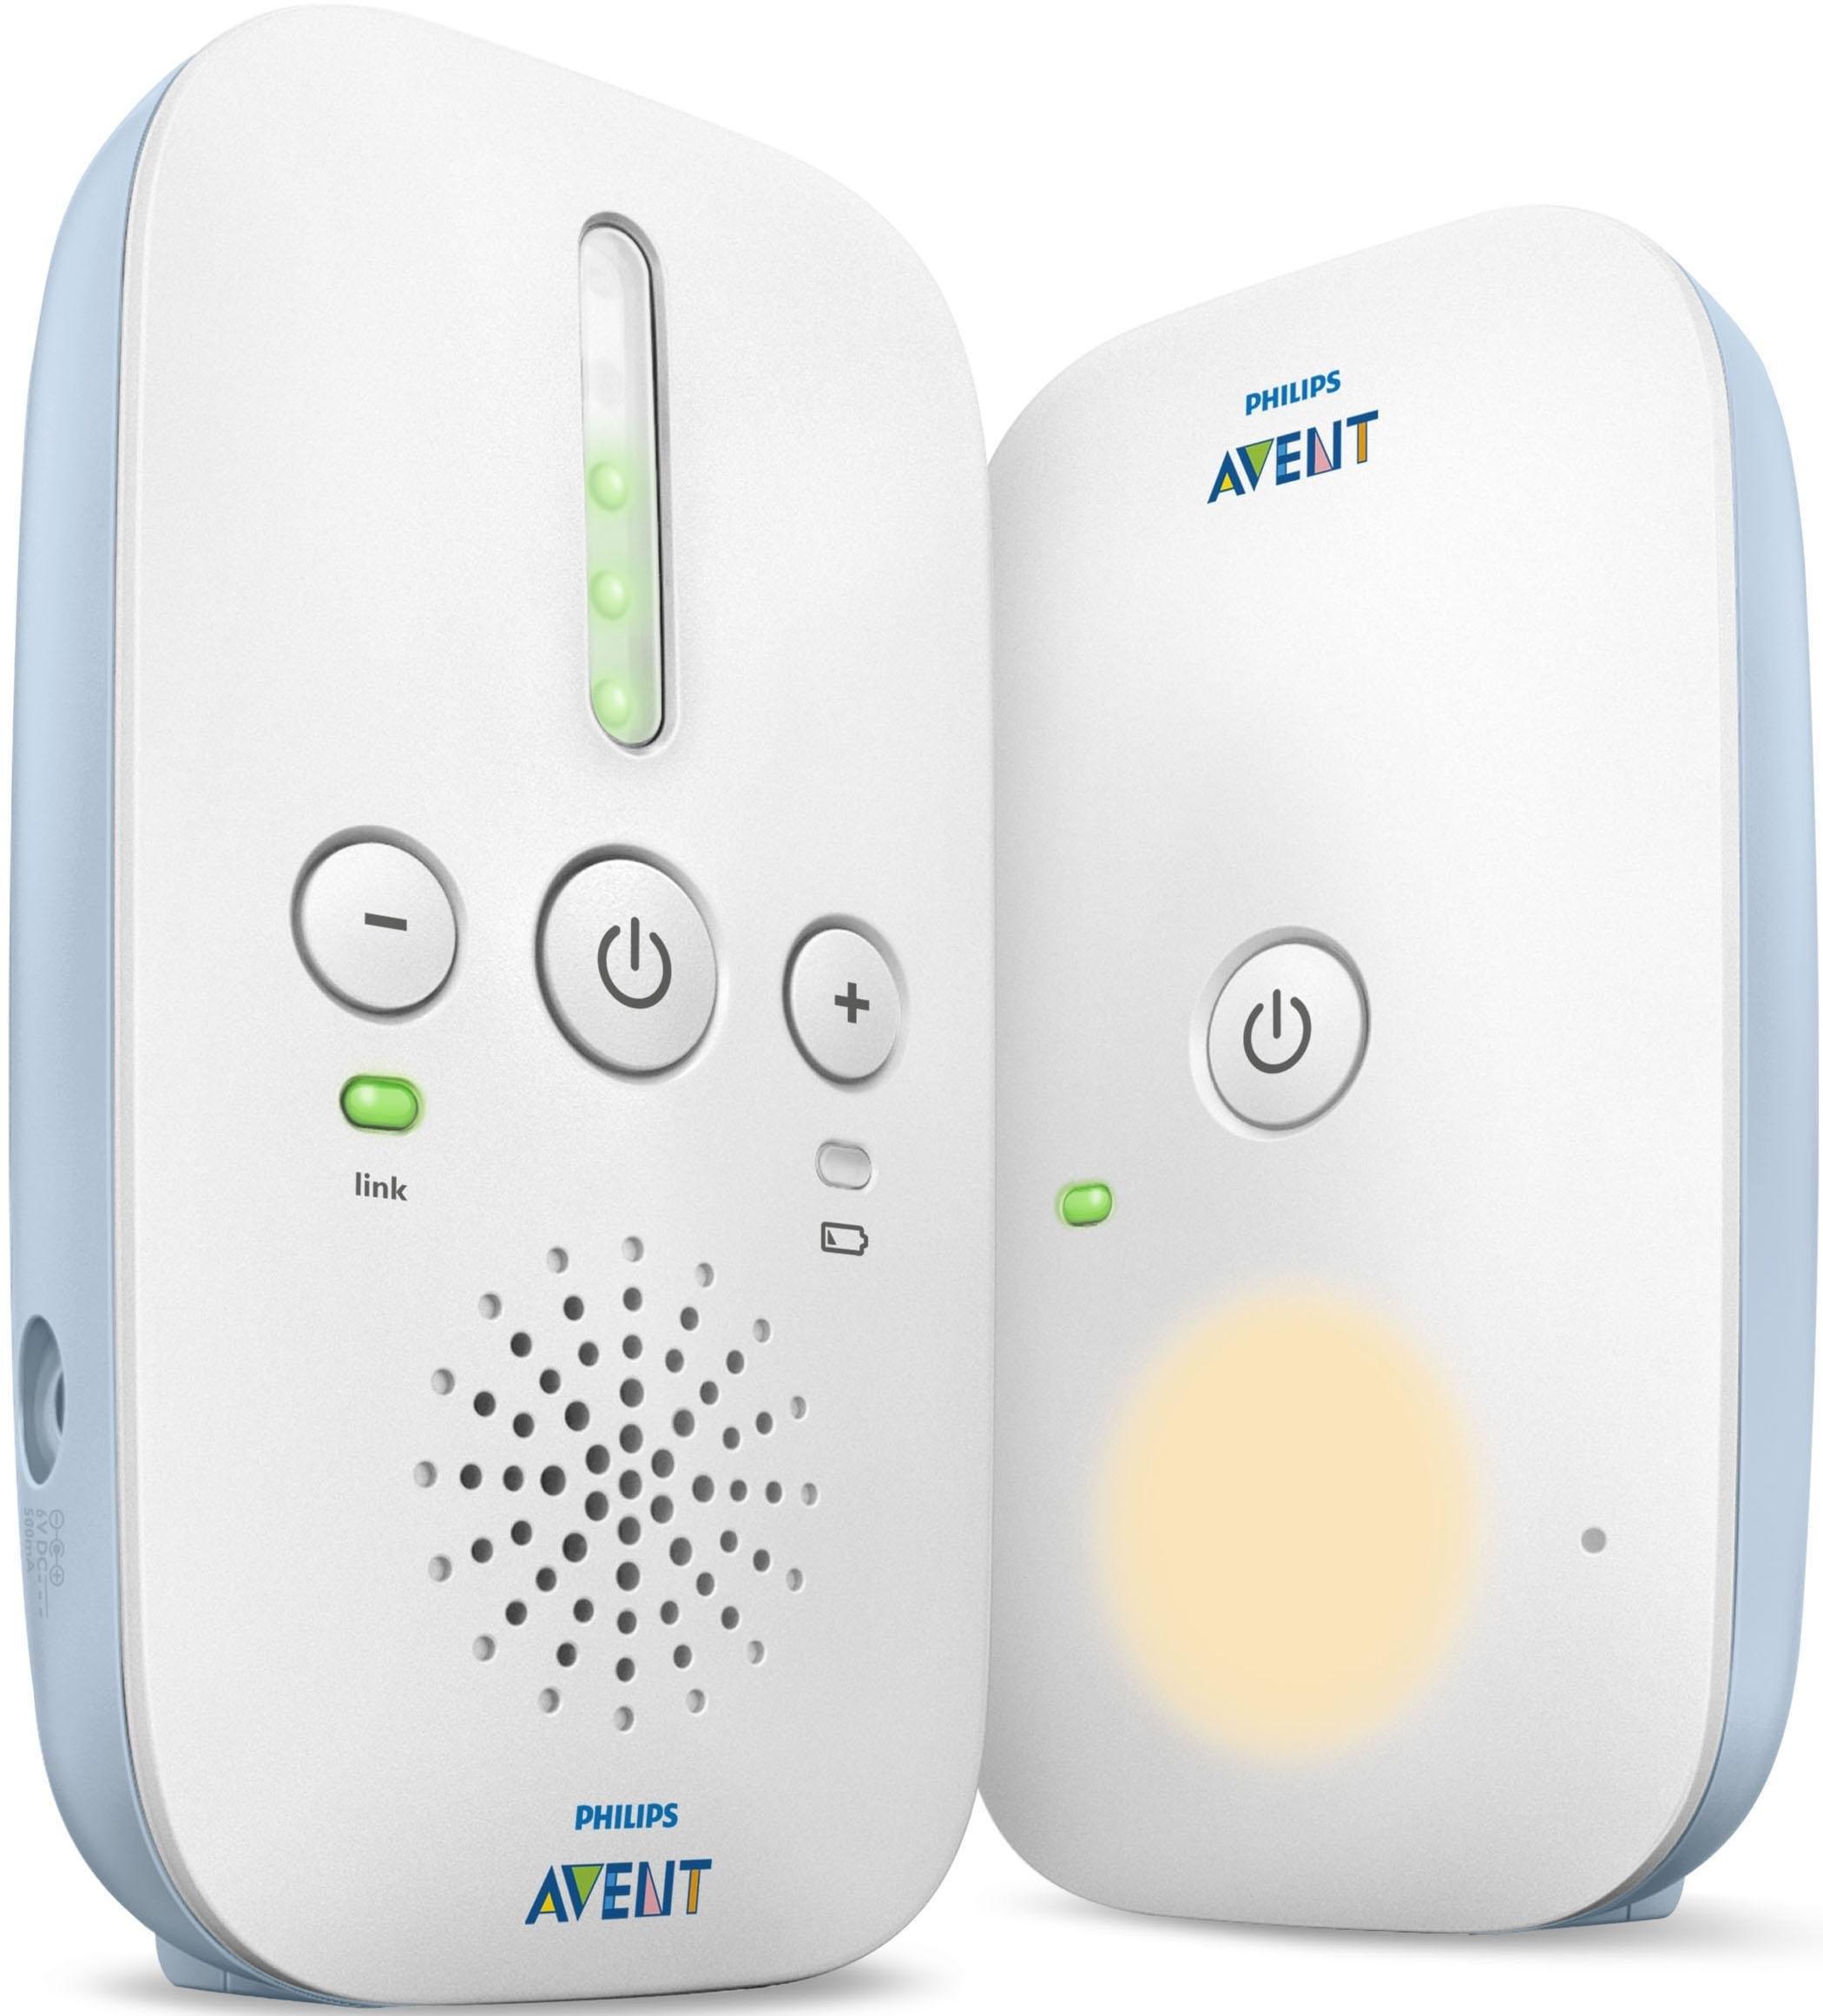 Philips AVENT DECT babyfoons SCD503/26, met nachtlampje en Smart ECO-modus, wit/lichtblauw bestellen: 30 dagen bedenktijd